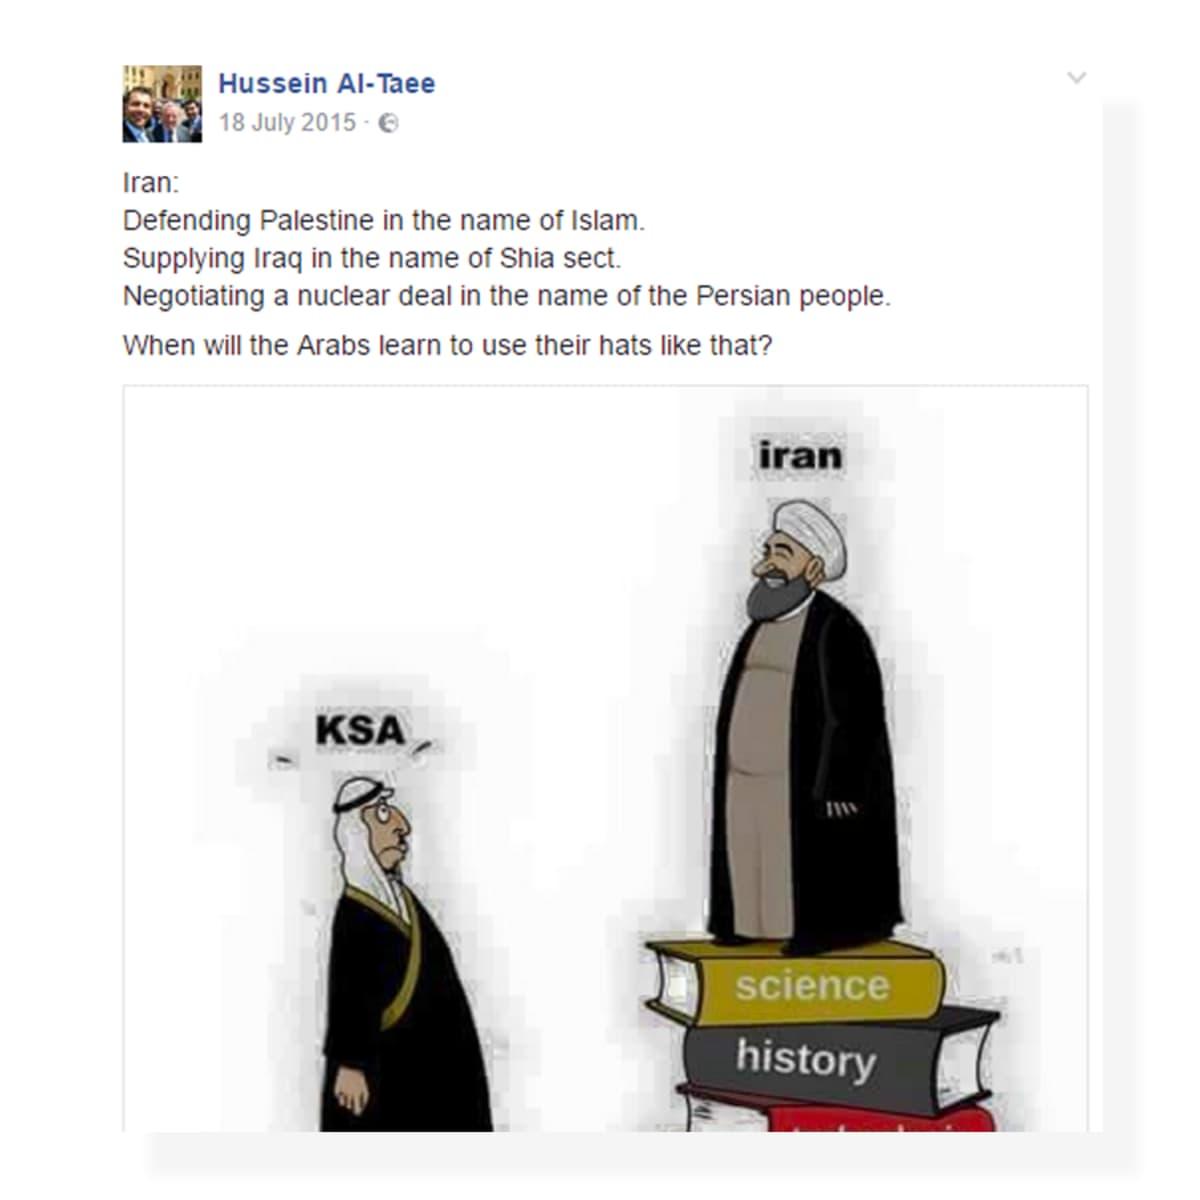 Hussein al-Taeen heinäkuussa 2015 kirjoittama Facebook-viesti.